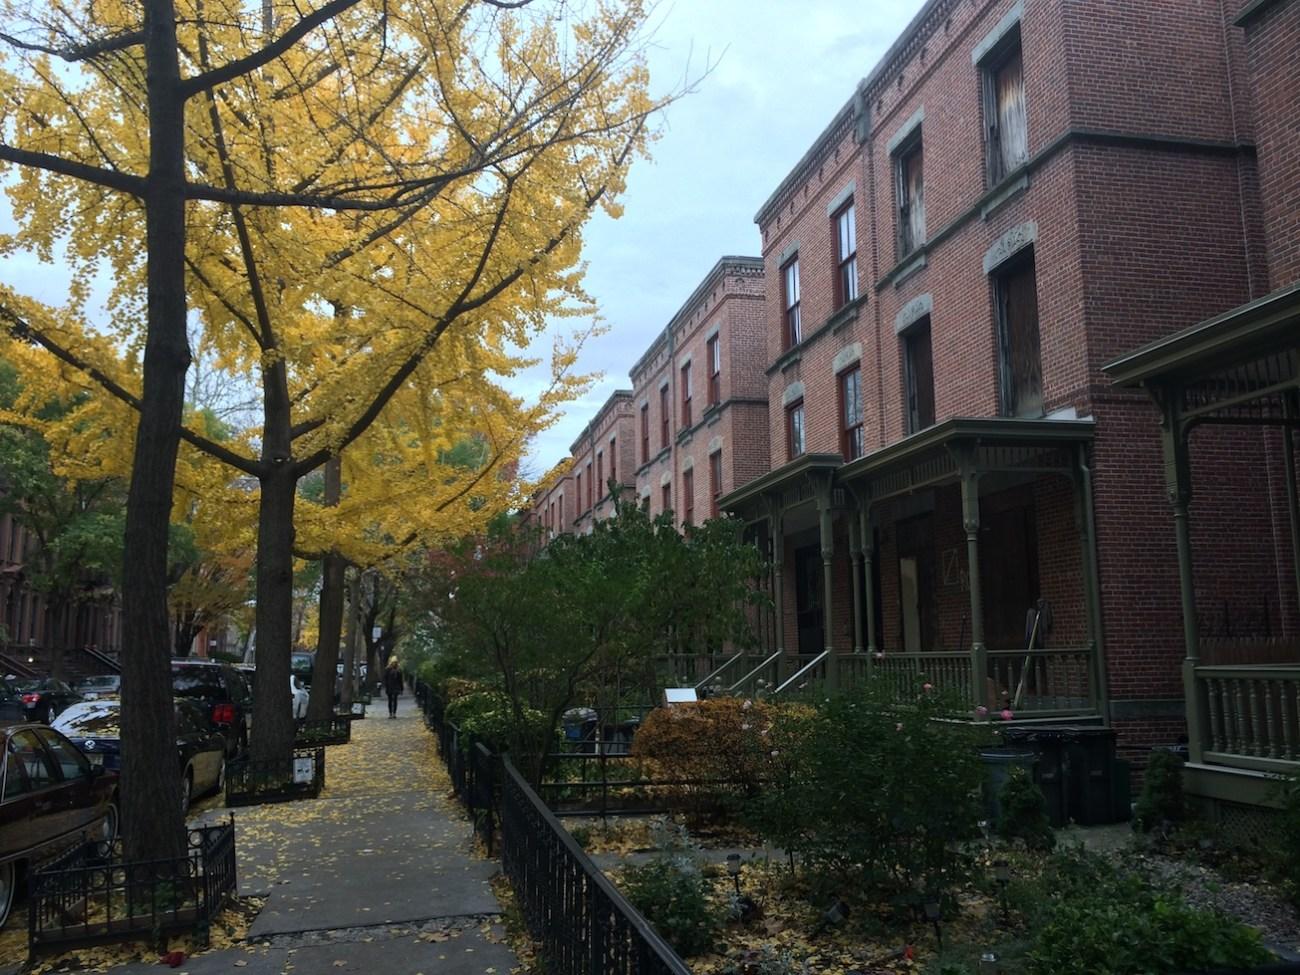 Astor Row